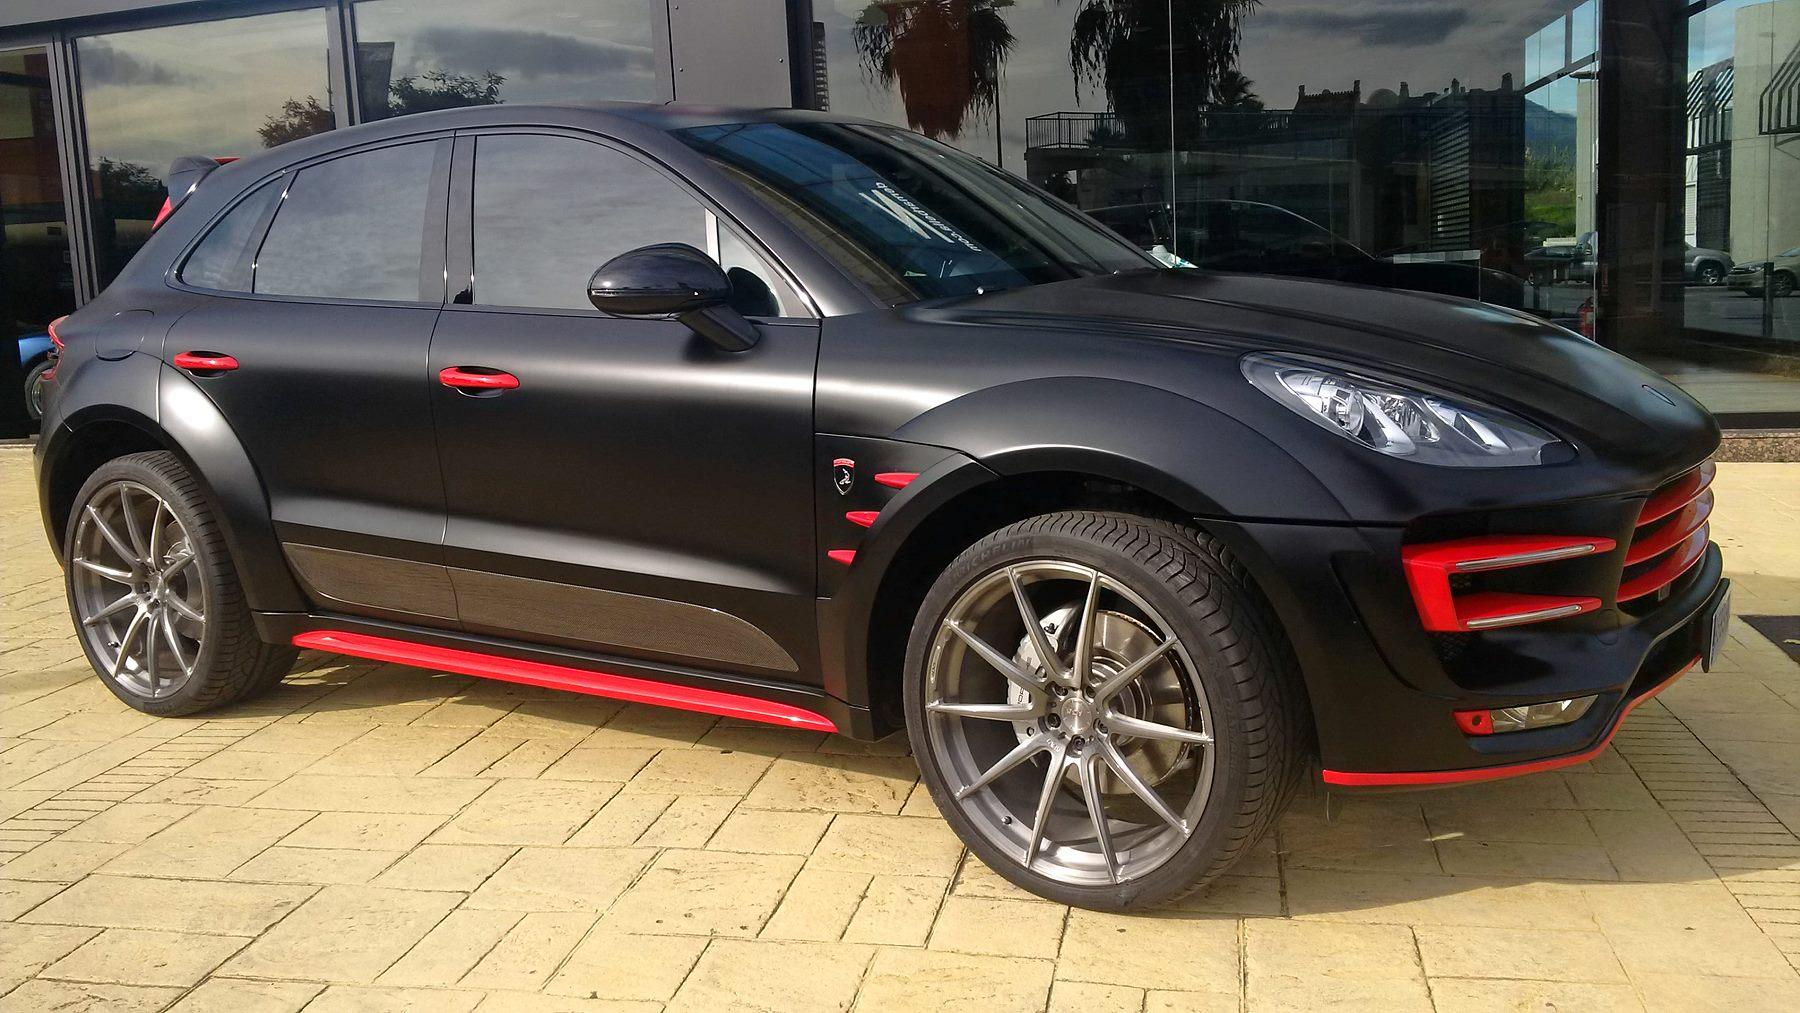 Porsche Macan Gts Interior >> Porsche Macan Ursa by Topcar Gets Unique Black and Red ...